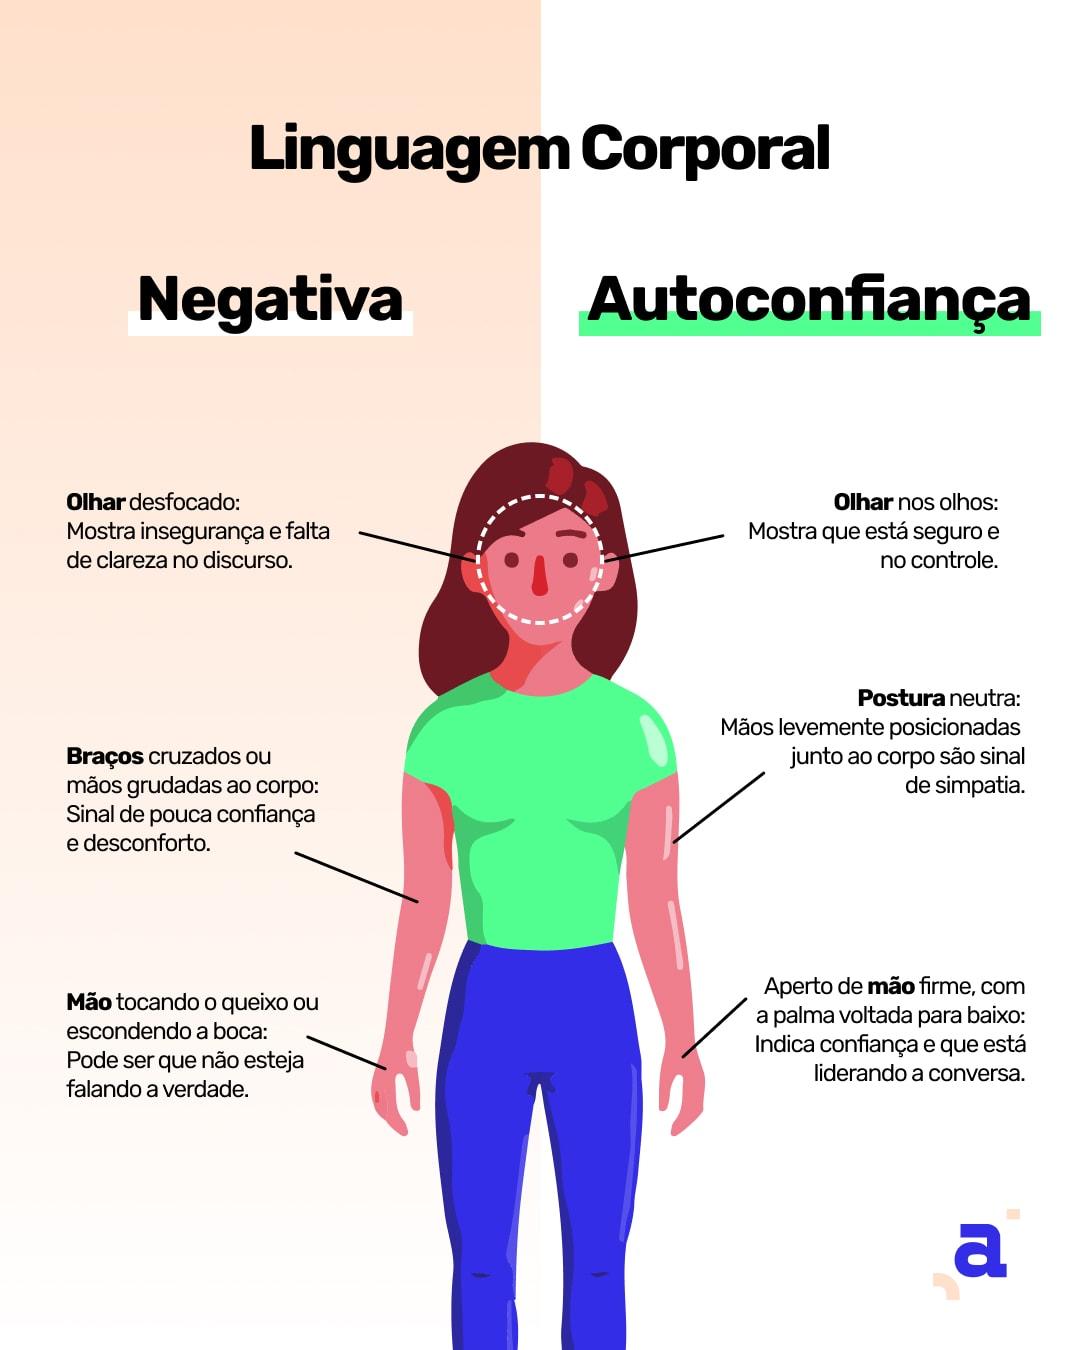 linguagem corporal no trabalho